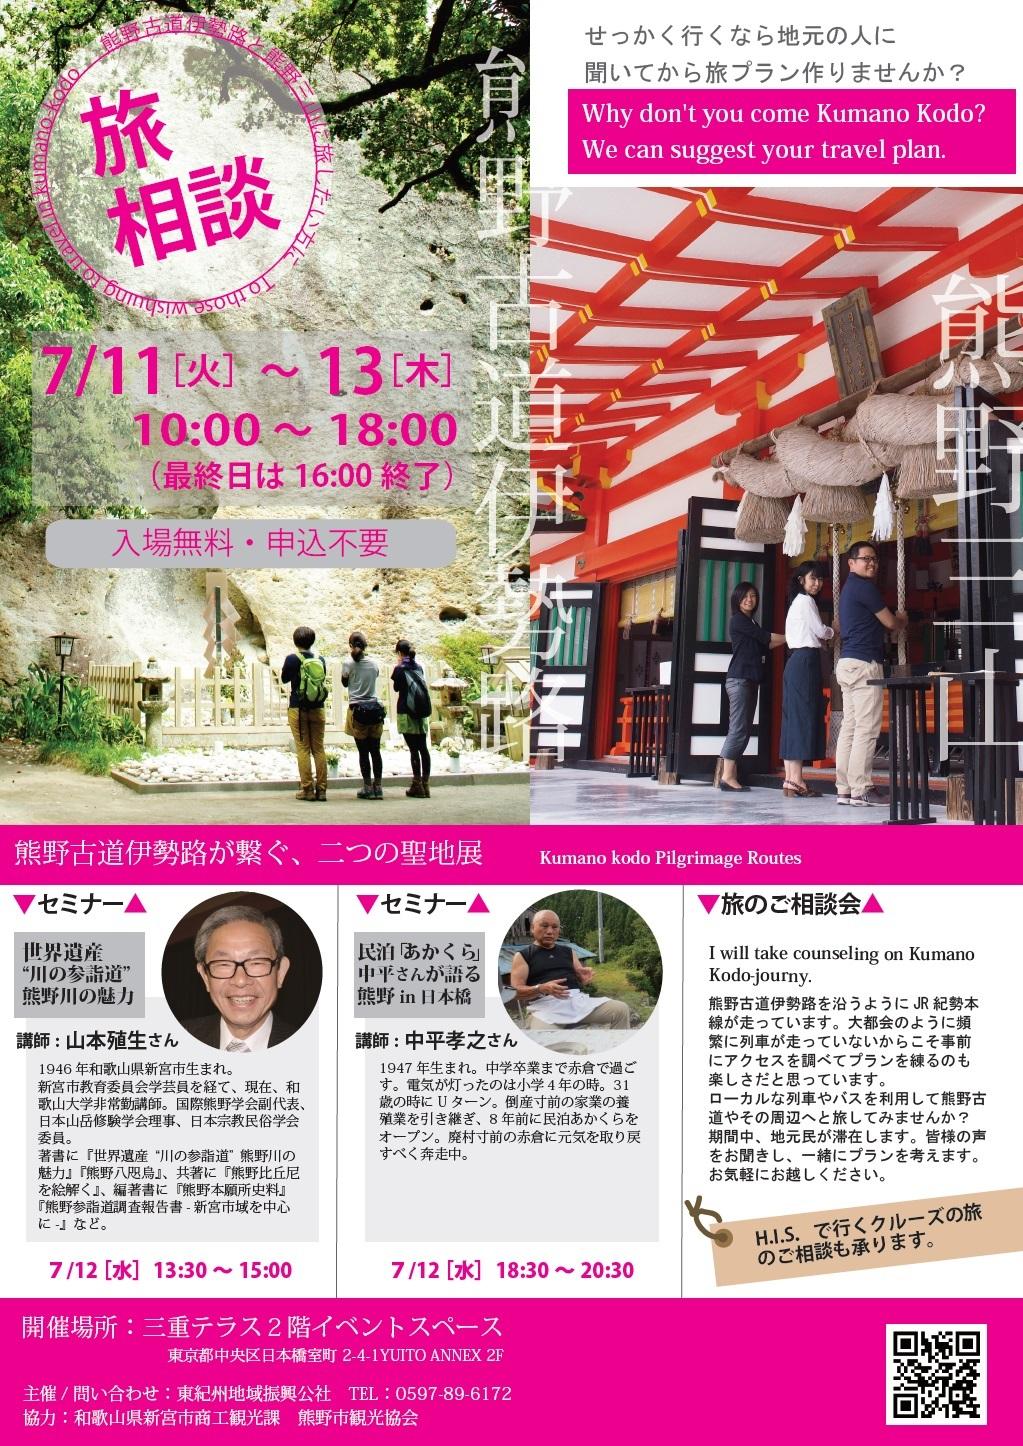 三重テラスにおきまして『熊野古道伊勢路が繋ぐ、二つの聖地展』を開催します!